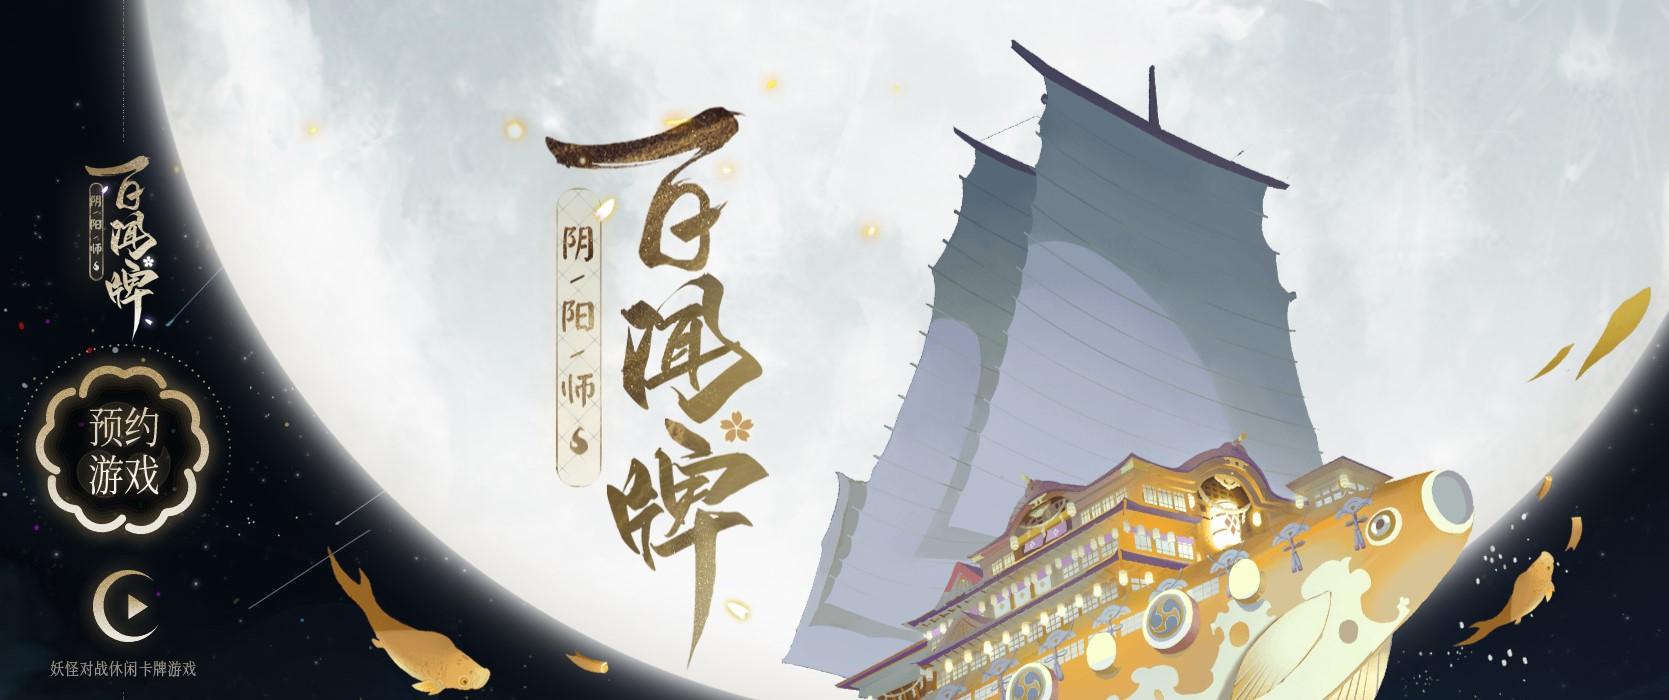 《阴阳师百闻牌》官网下载地址分享